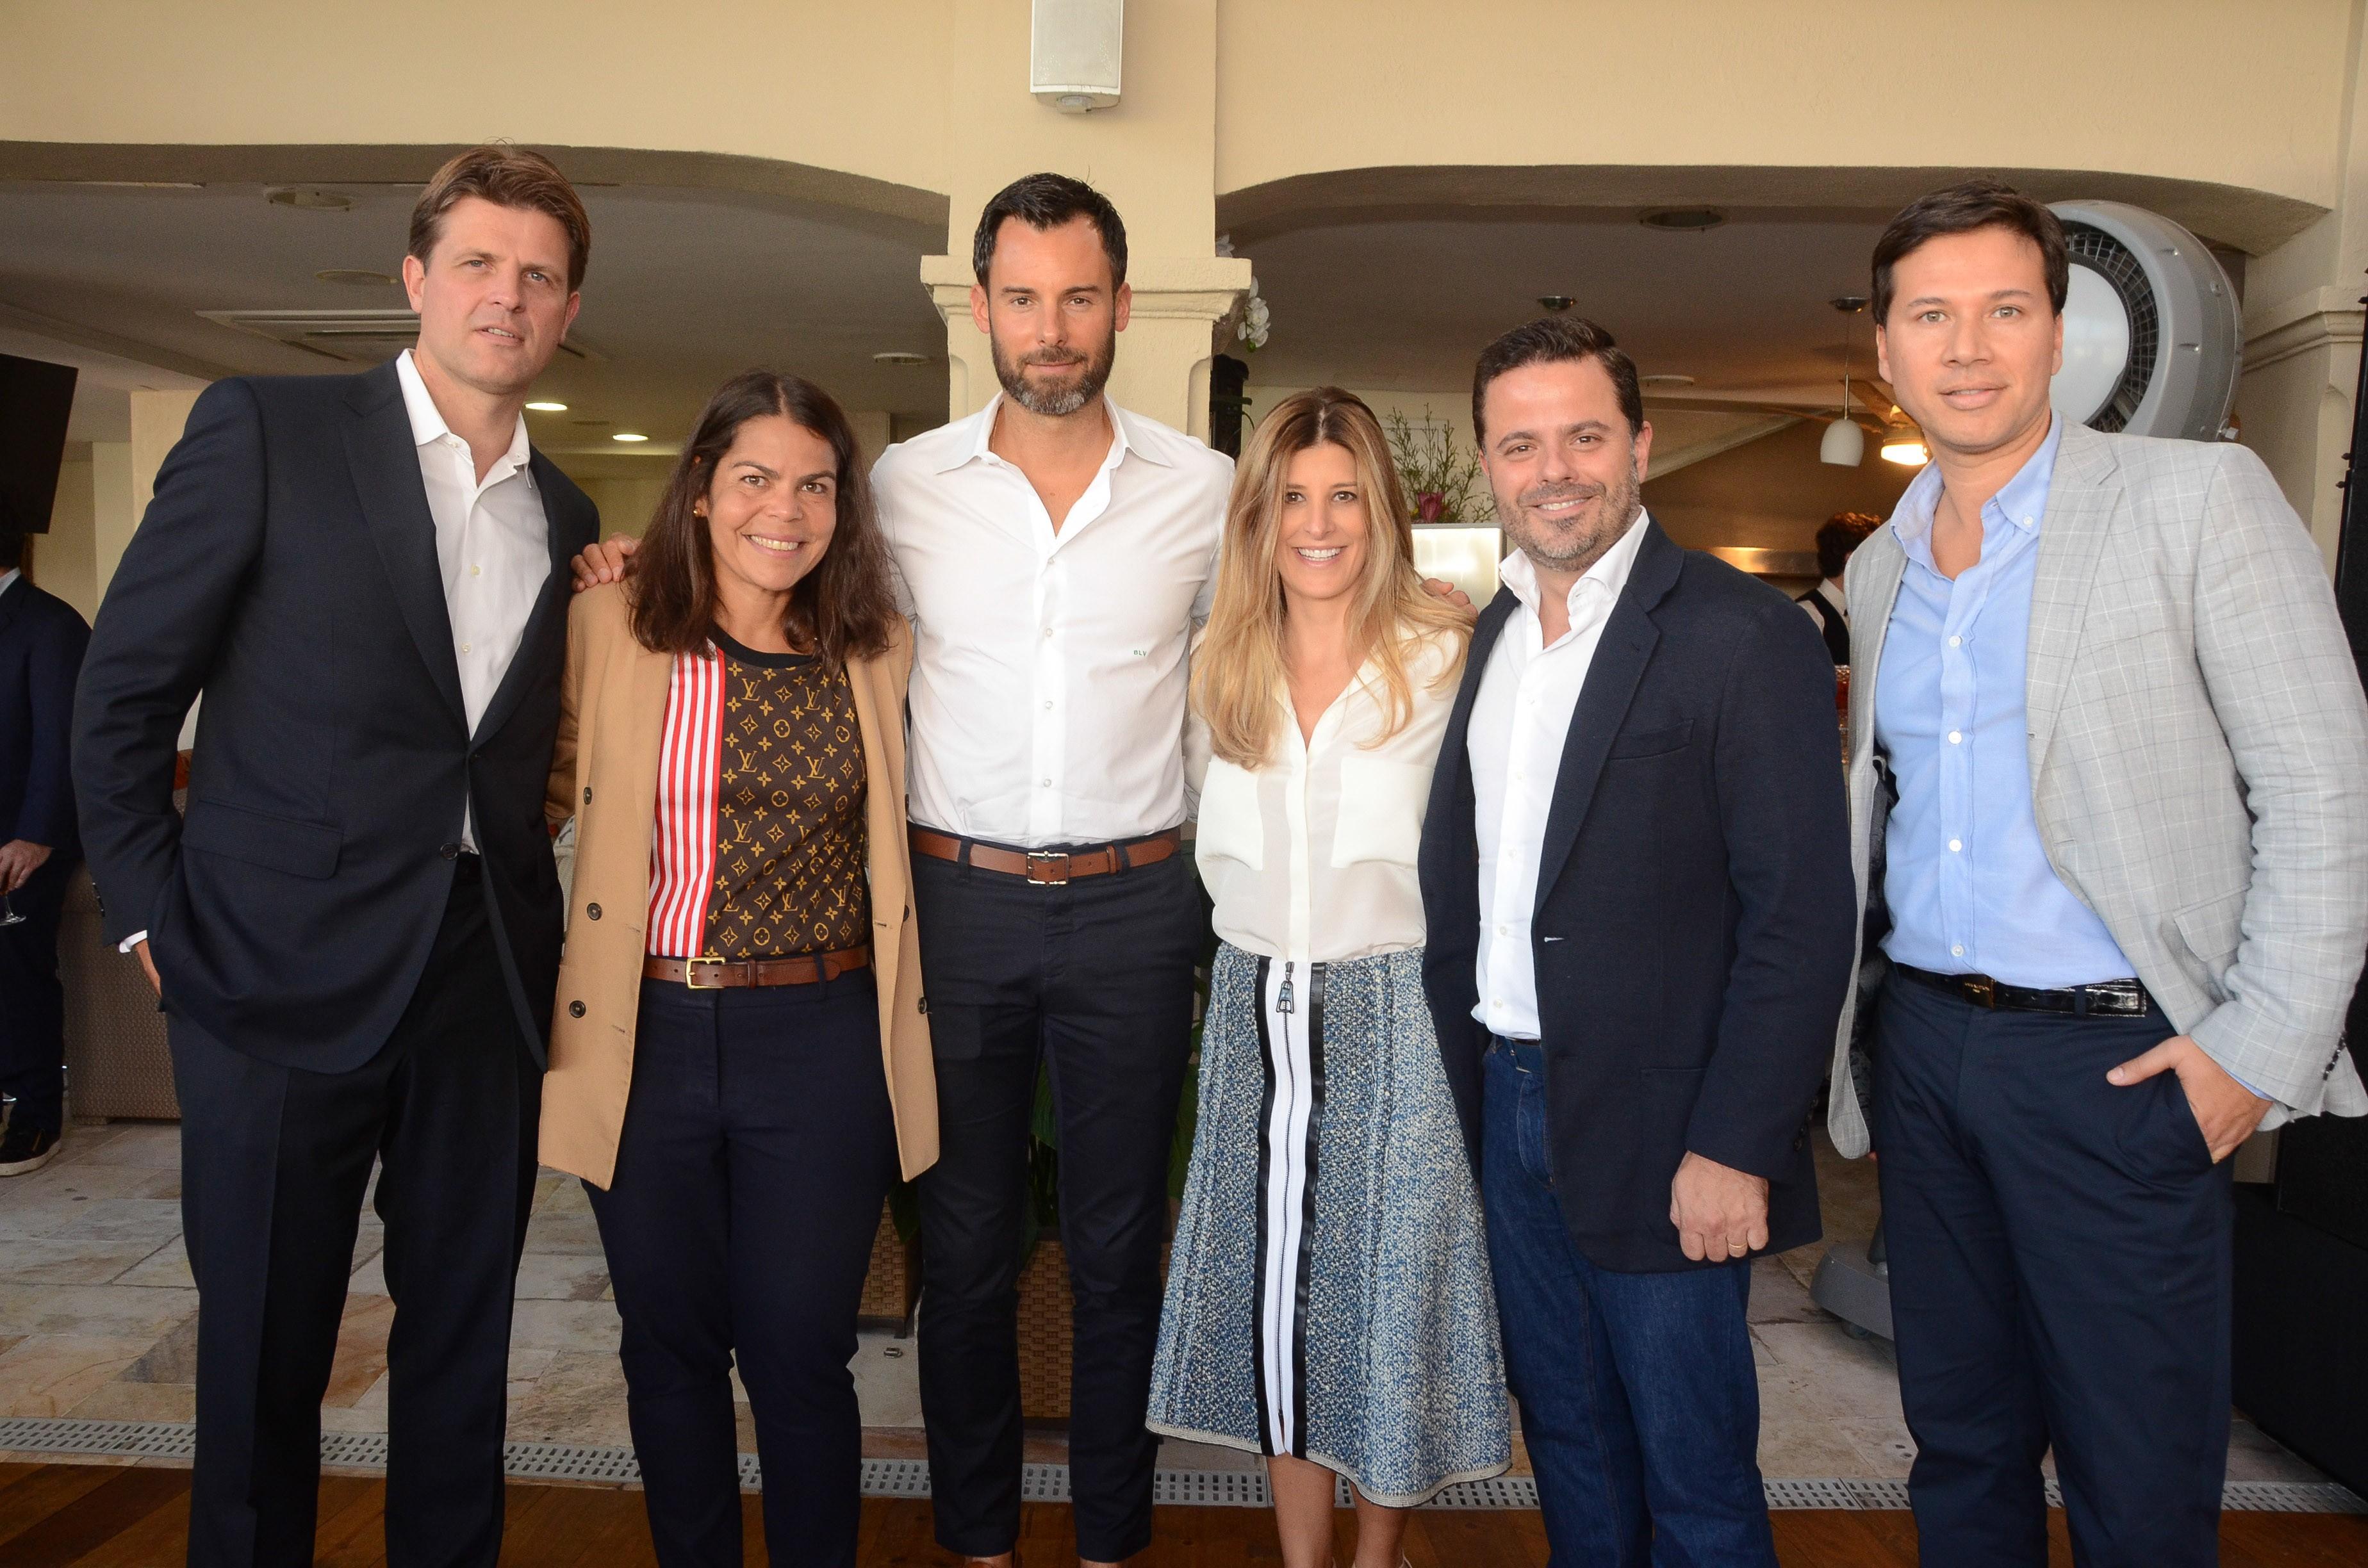 Anthony Ledru, Daniela Falcão, Benoit Louis Vuitton, Juliana e Alexandre Frota e Darlei Bittencourt   (Foto: Divulgação)